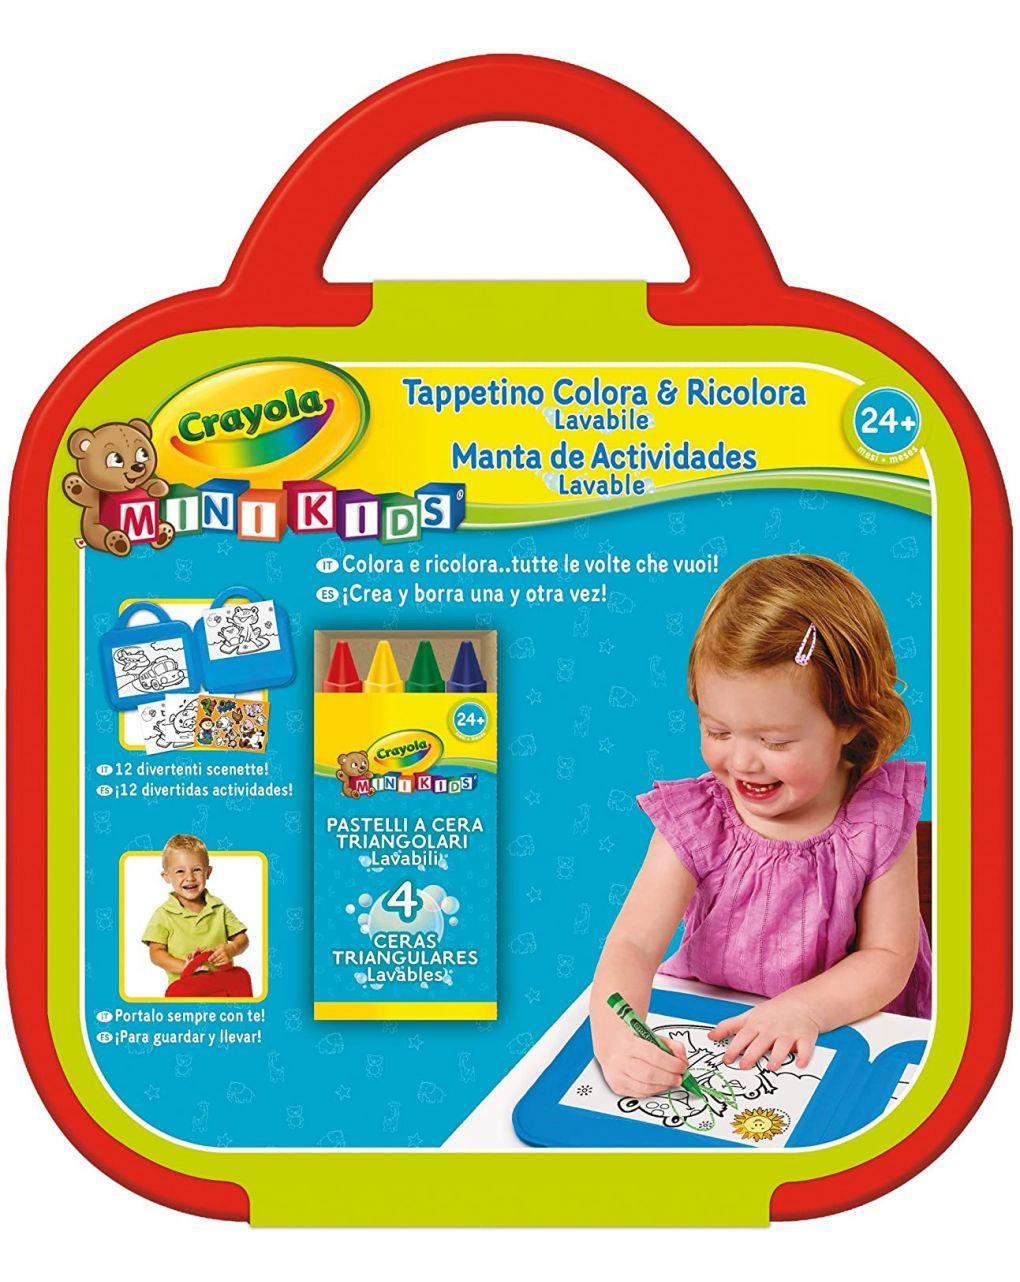 Crayola - mini kids color & recolor playmat - Crayola